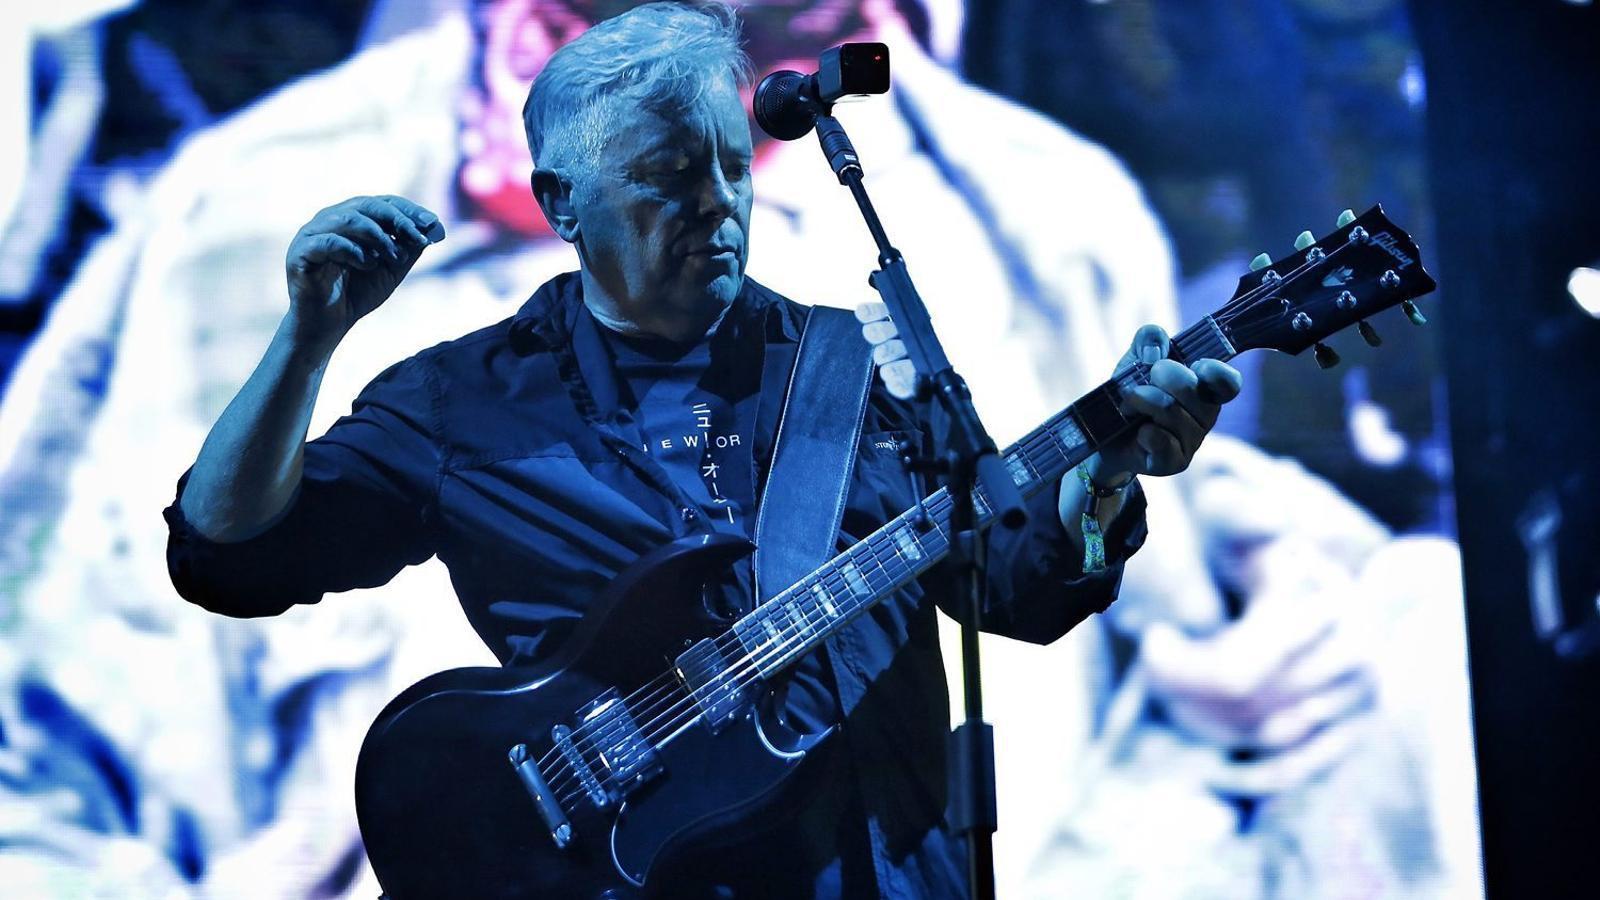 Bernard Sumner, a la veu i la guitarra, va exercir com a líder del grup que va néixer de les cendres de Joy Division amb  una actuació a mig camí entre la nostàlgia i la reivindicació del seu present.